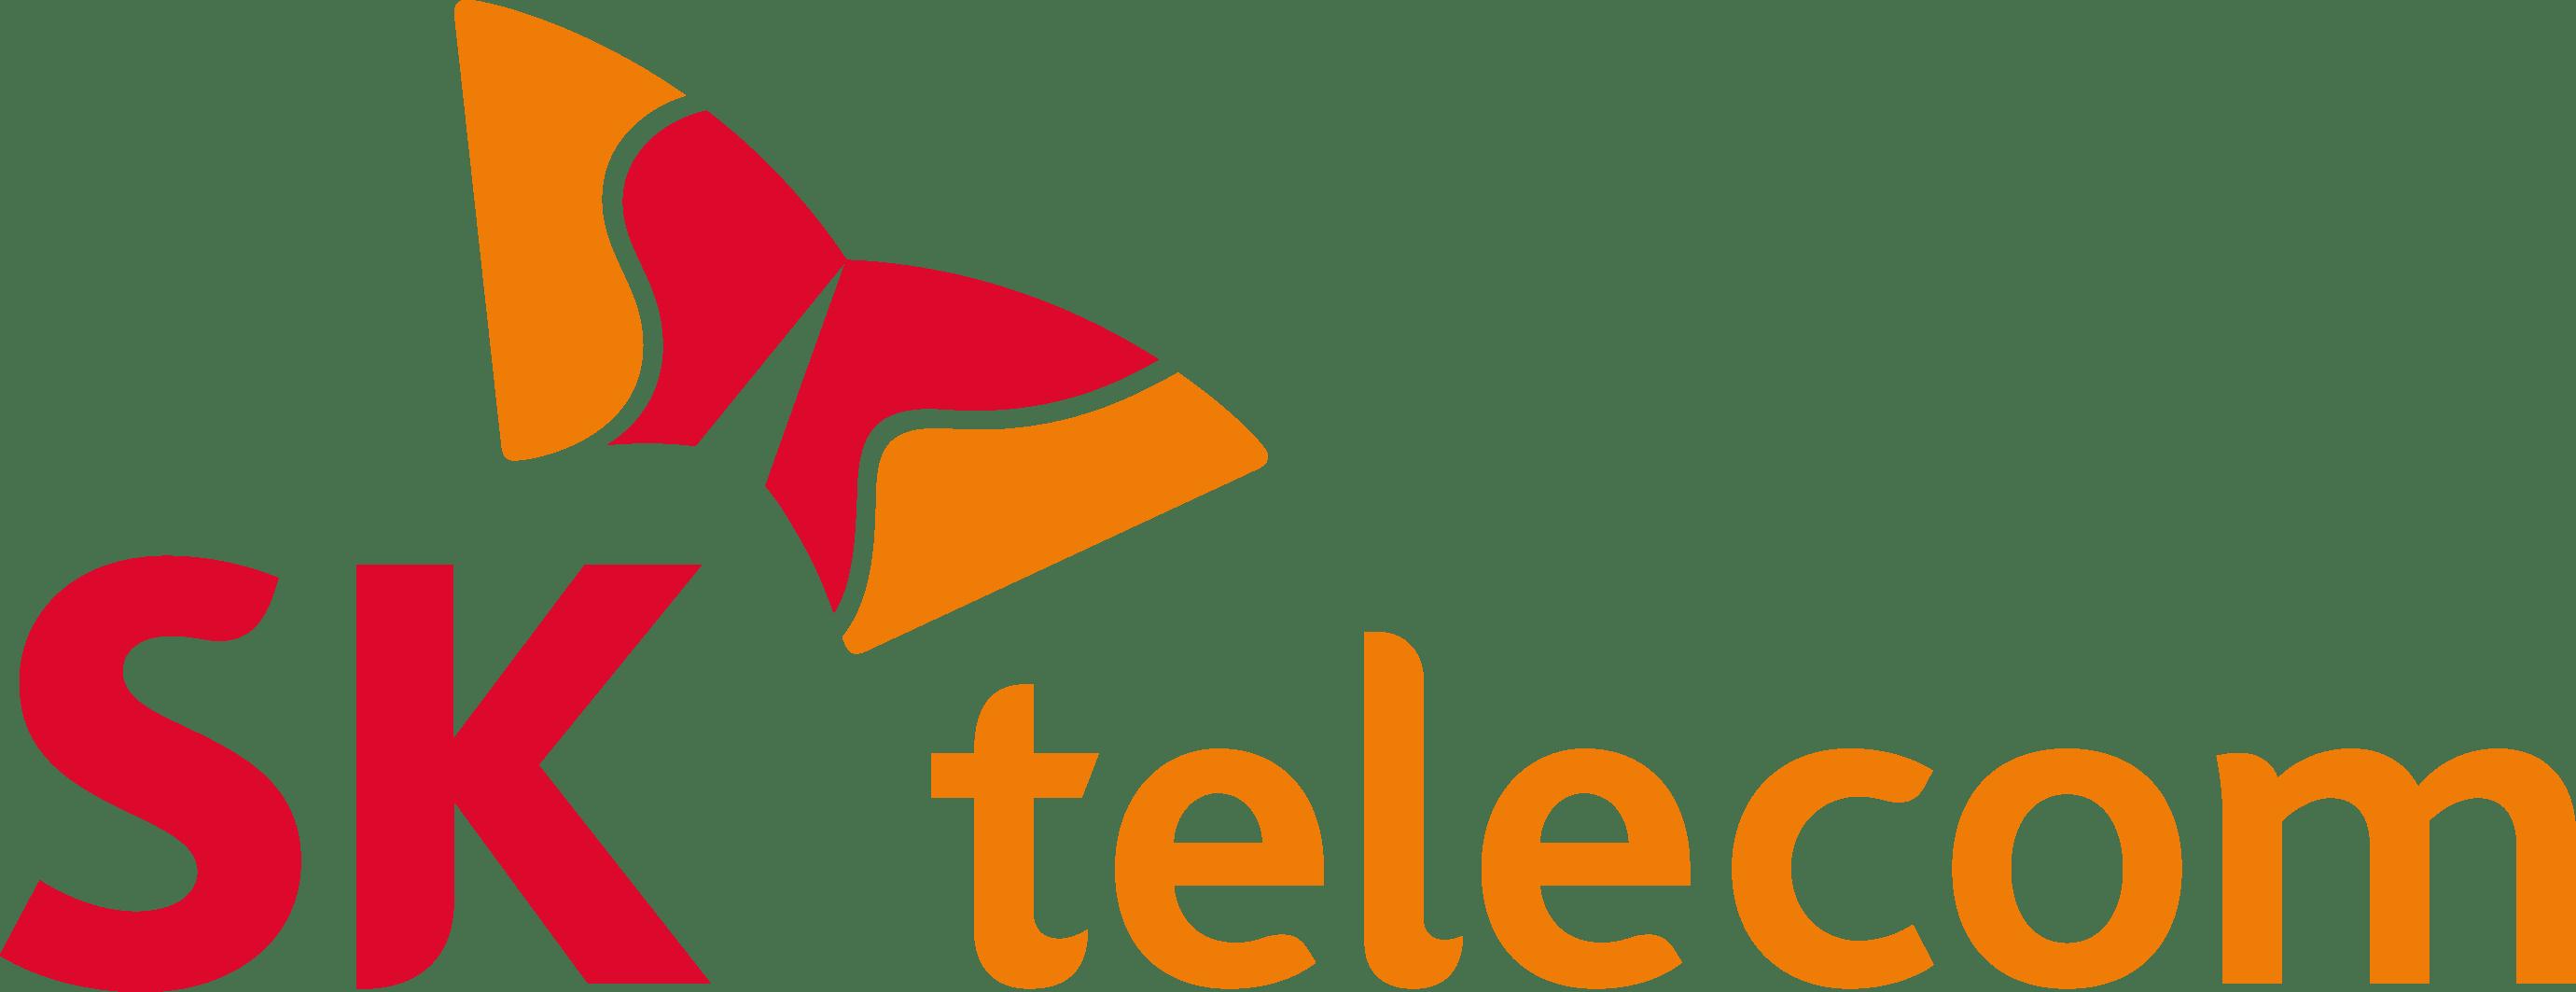 SK Telecom Logo png